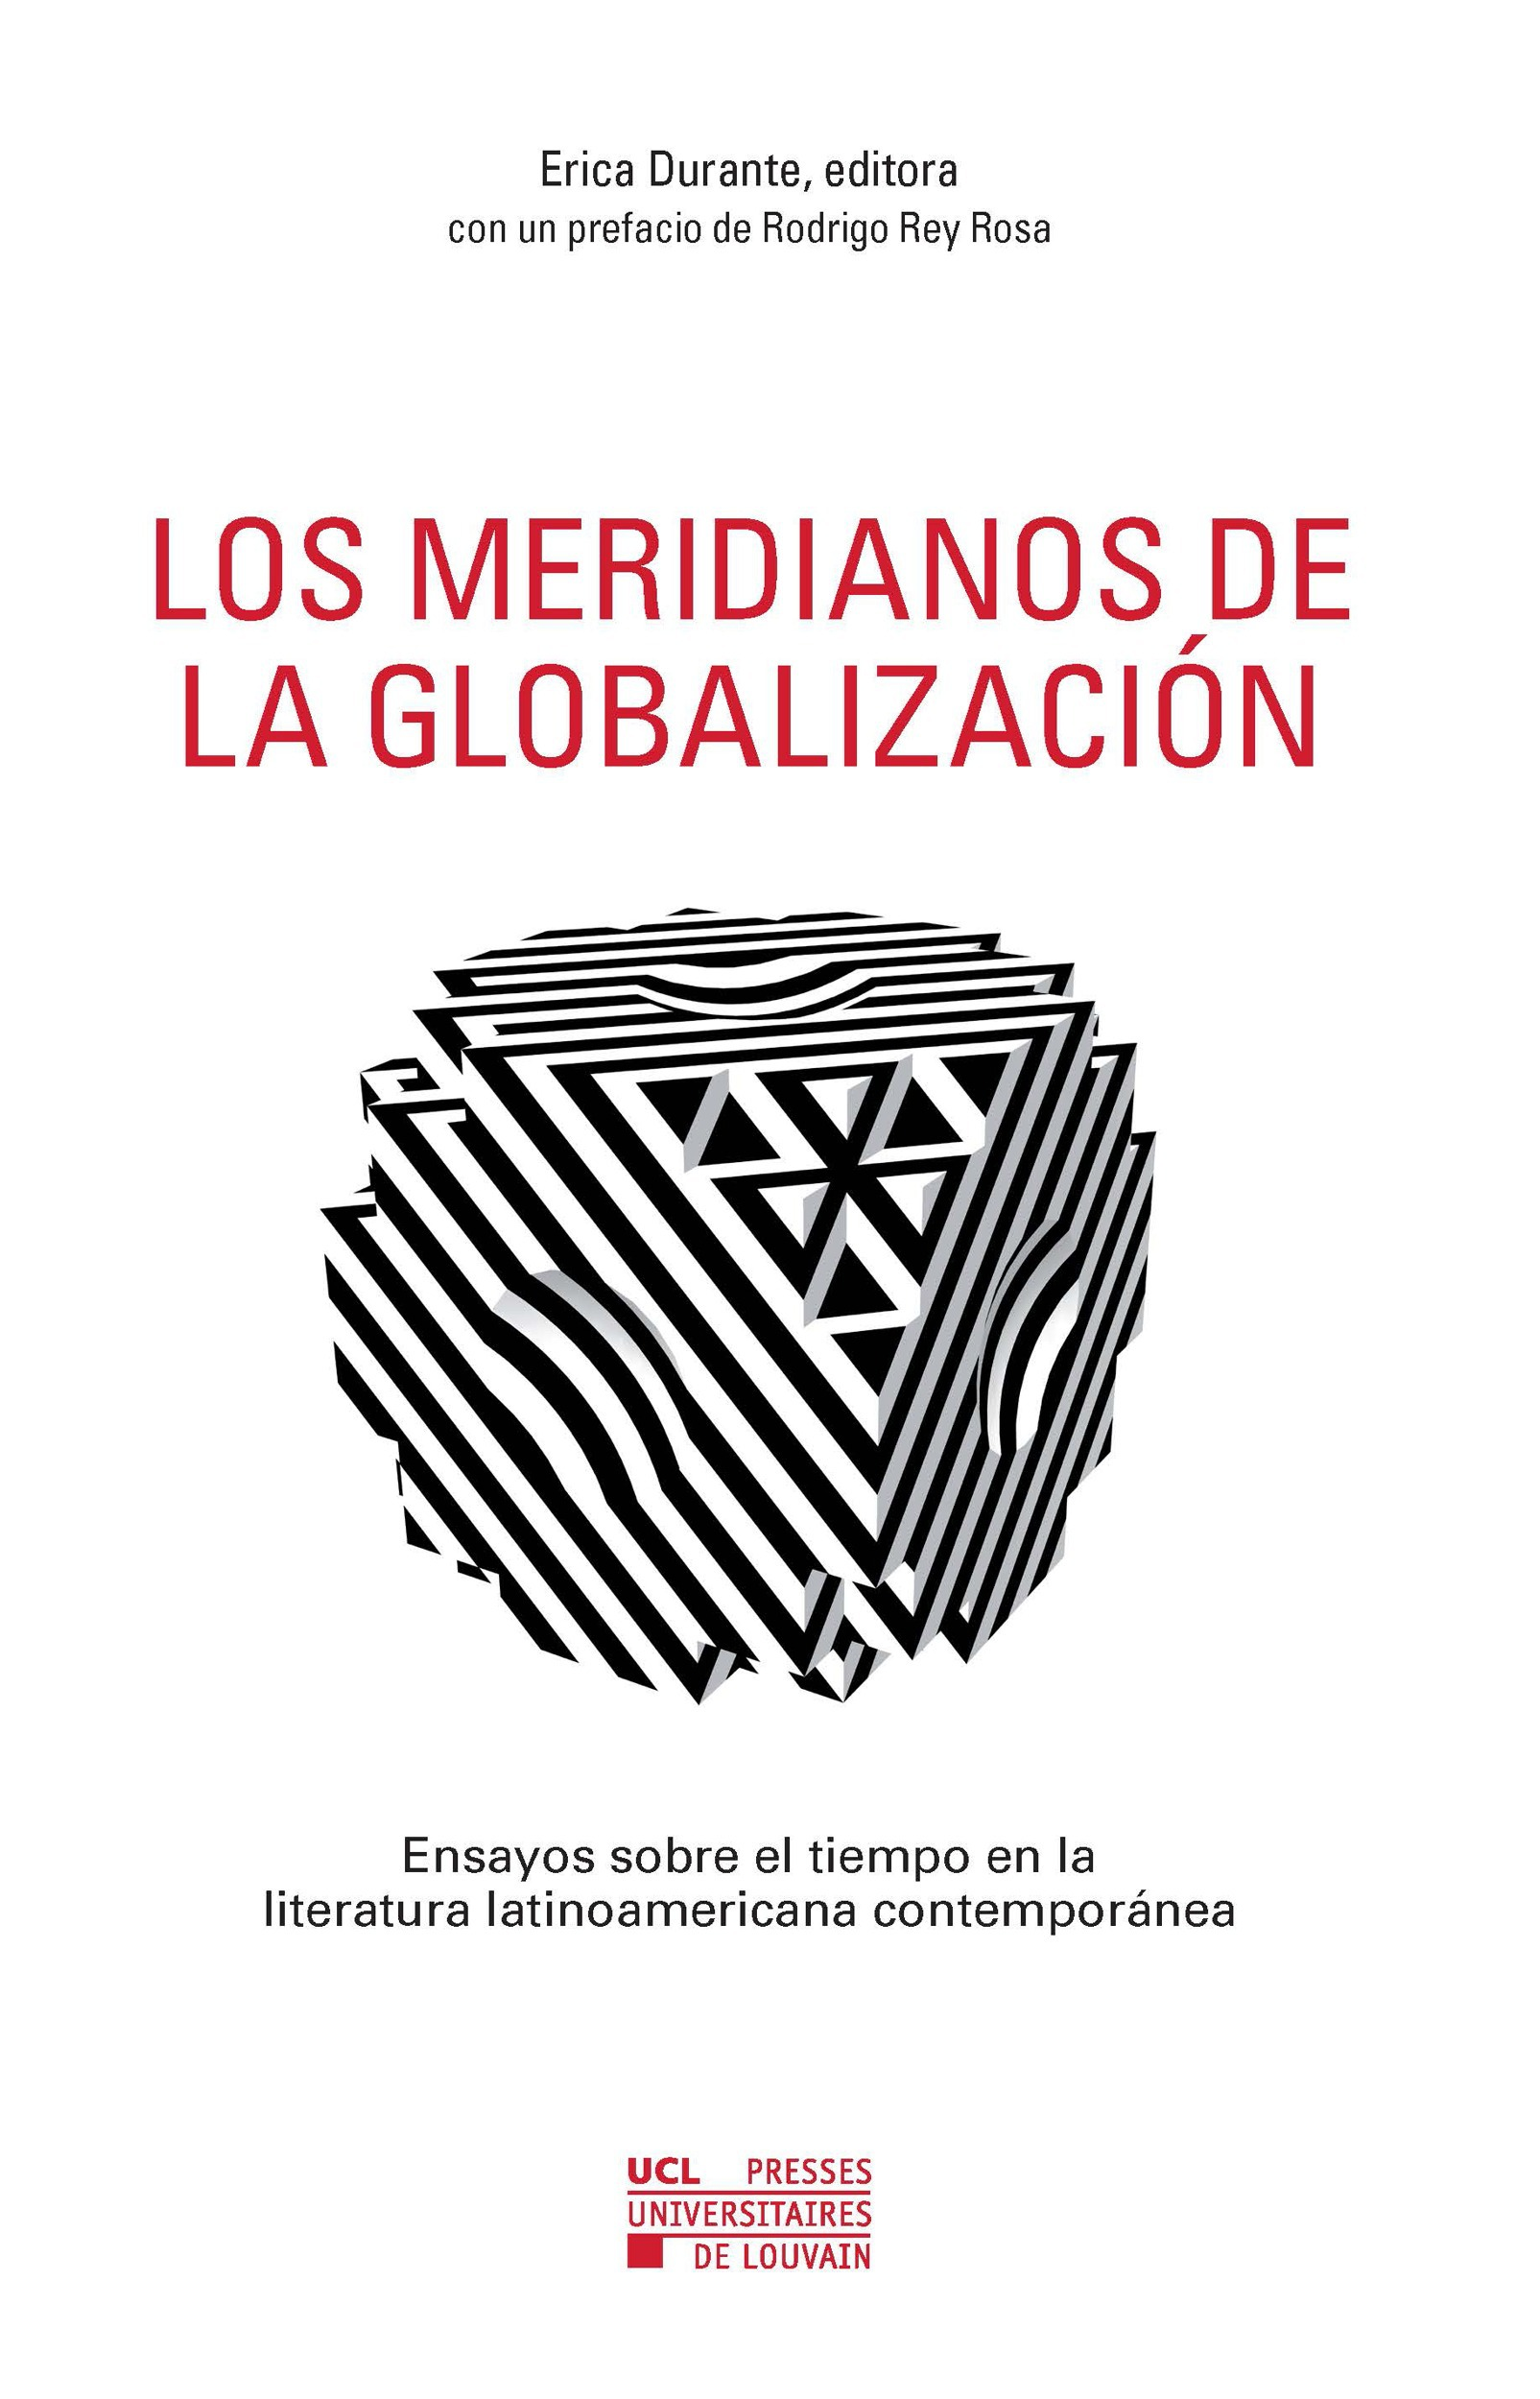 Los meridianos de la globalizacion